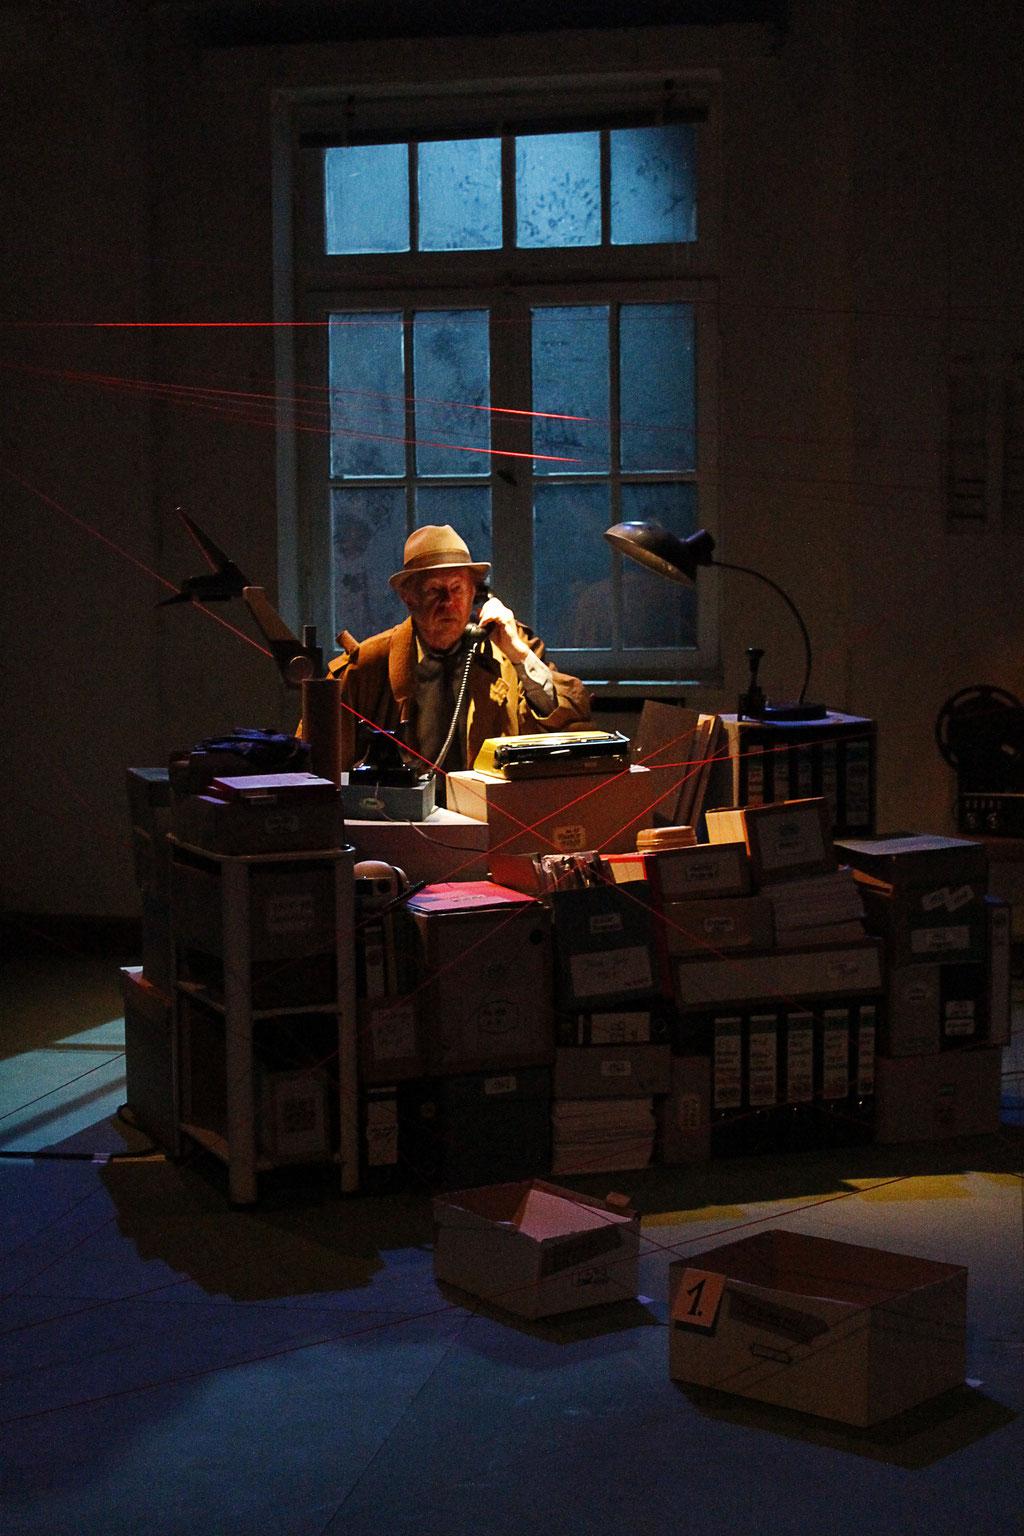 2014 Bühne & Kostüm. 'Spur & Wirklichkeit' Regie: Gabriel von Zadow | Bühne, Kostüm & Licht: Teresa Katharina | LAB FRANKFURT